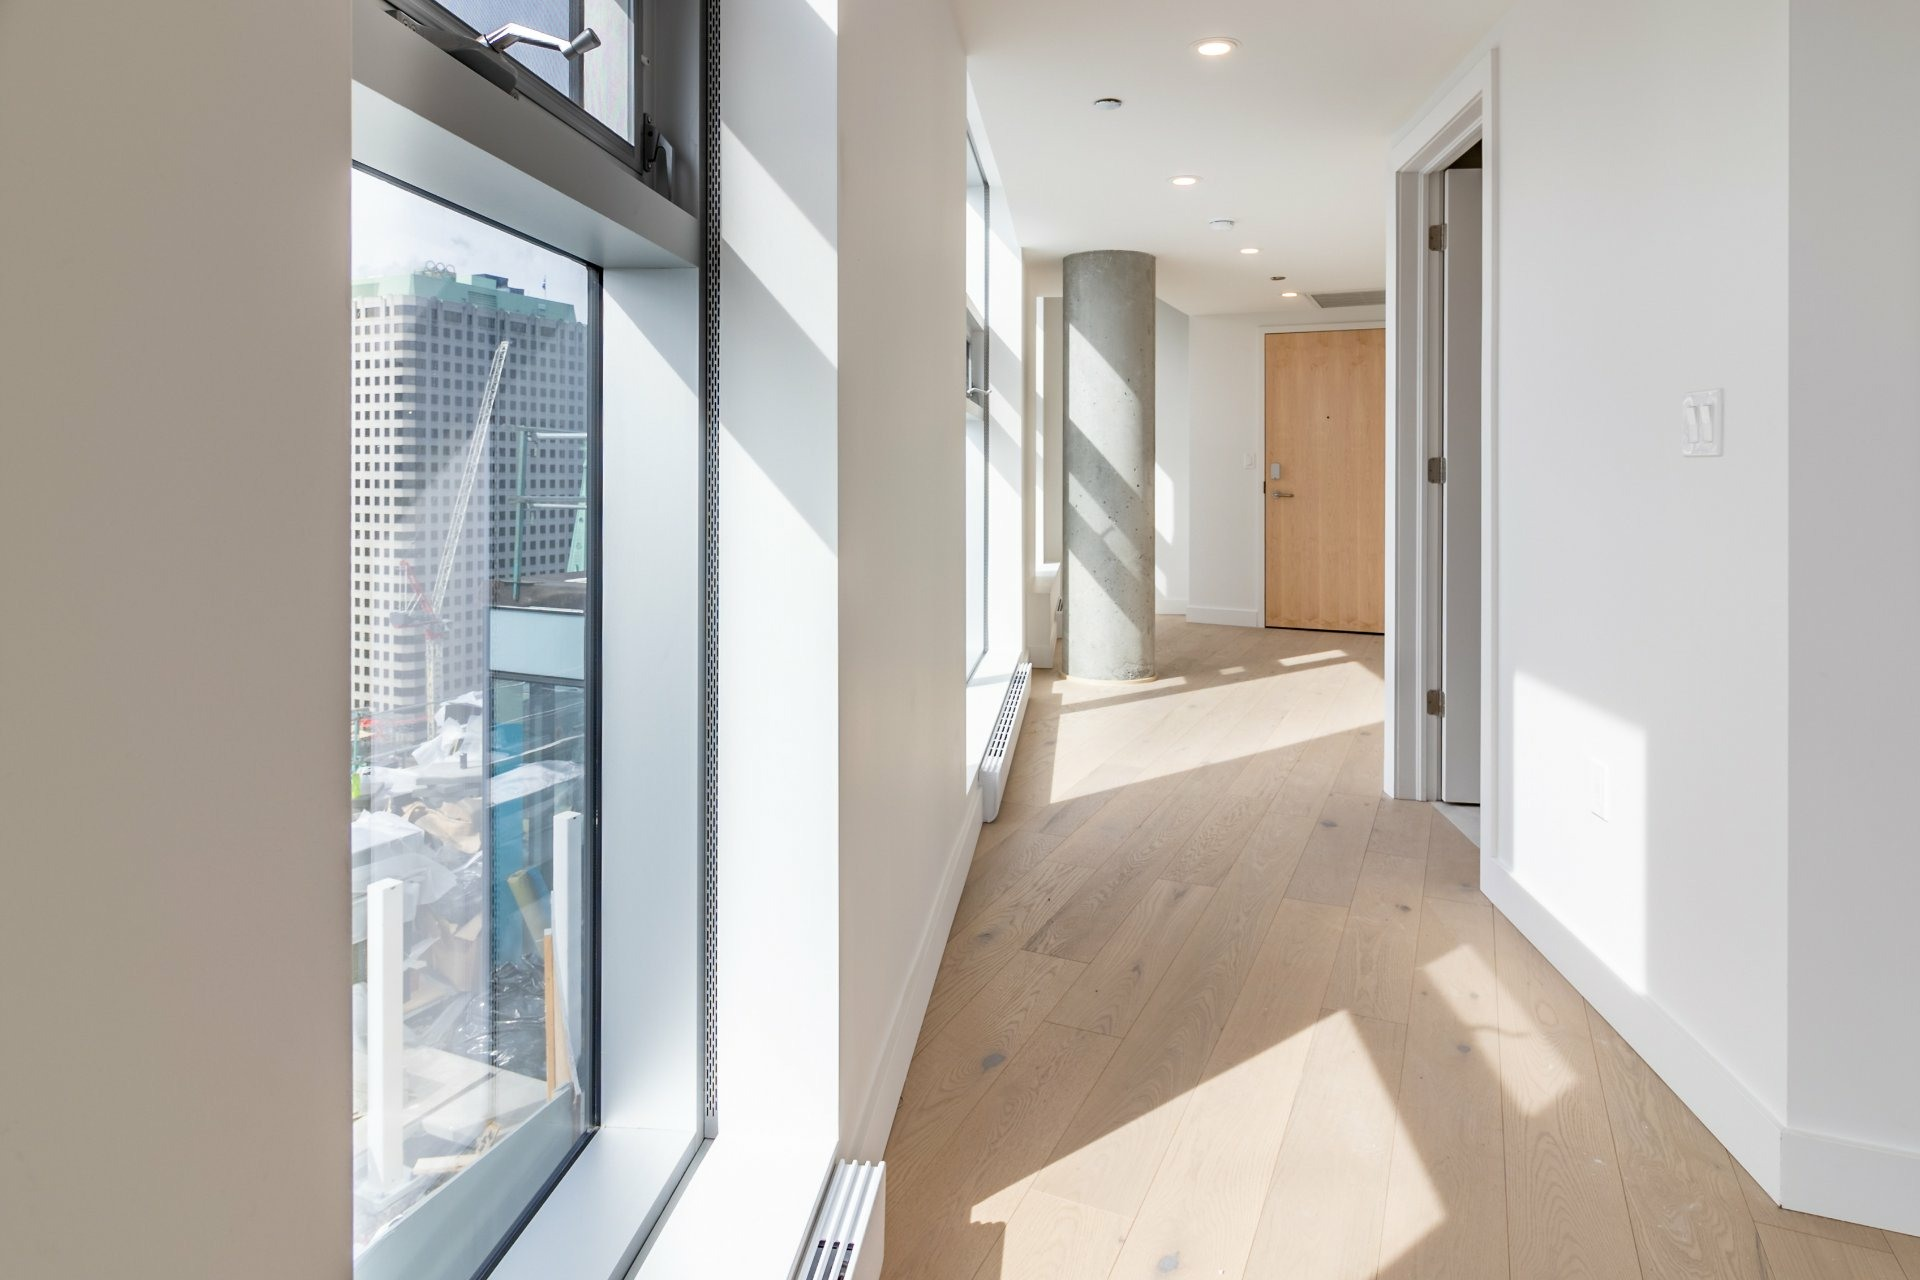 image 8 - Appartement À vendre Ville-Marie Montréal  - 9 pièces